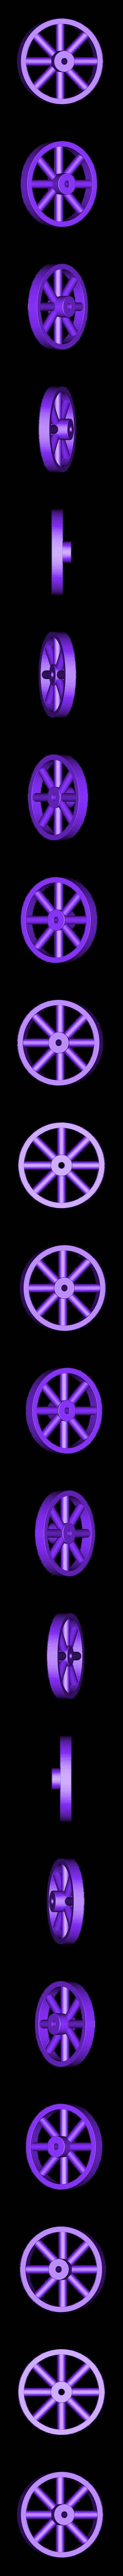 roue charrette a imprimer en double.STL Télécharger fichier STL gratuit charrette 2 roue • Objet à imprimer en 3D, trixo416